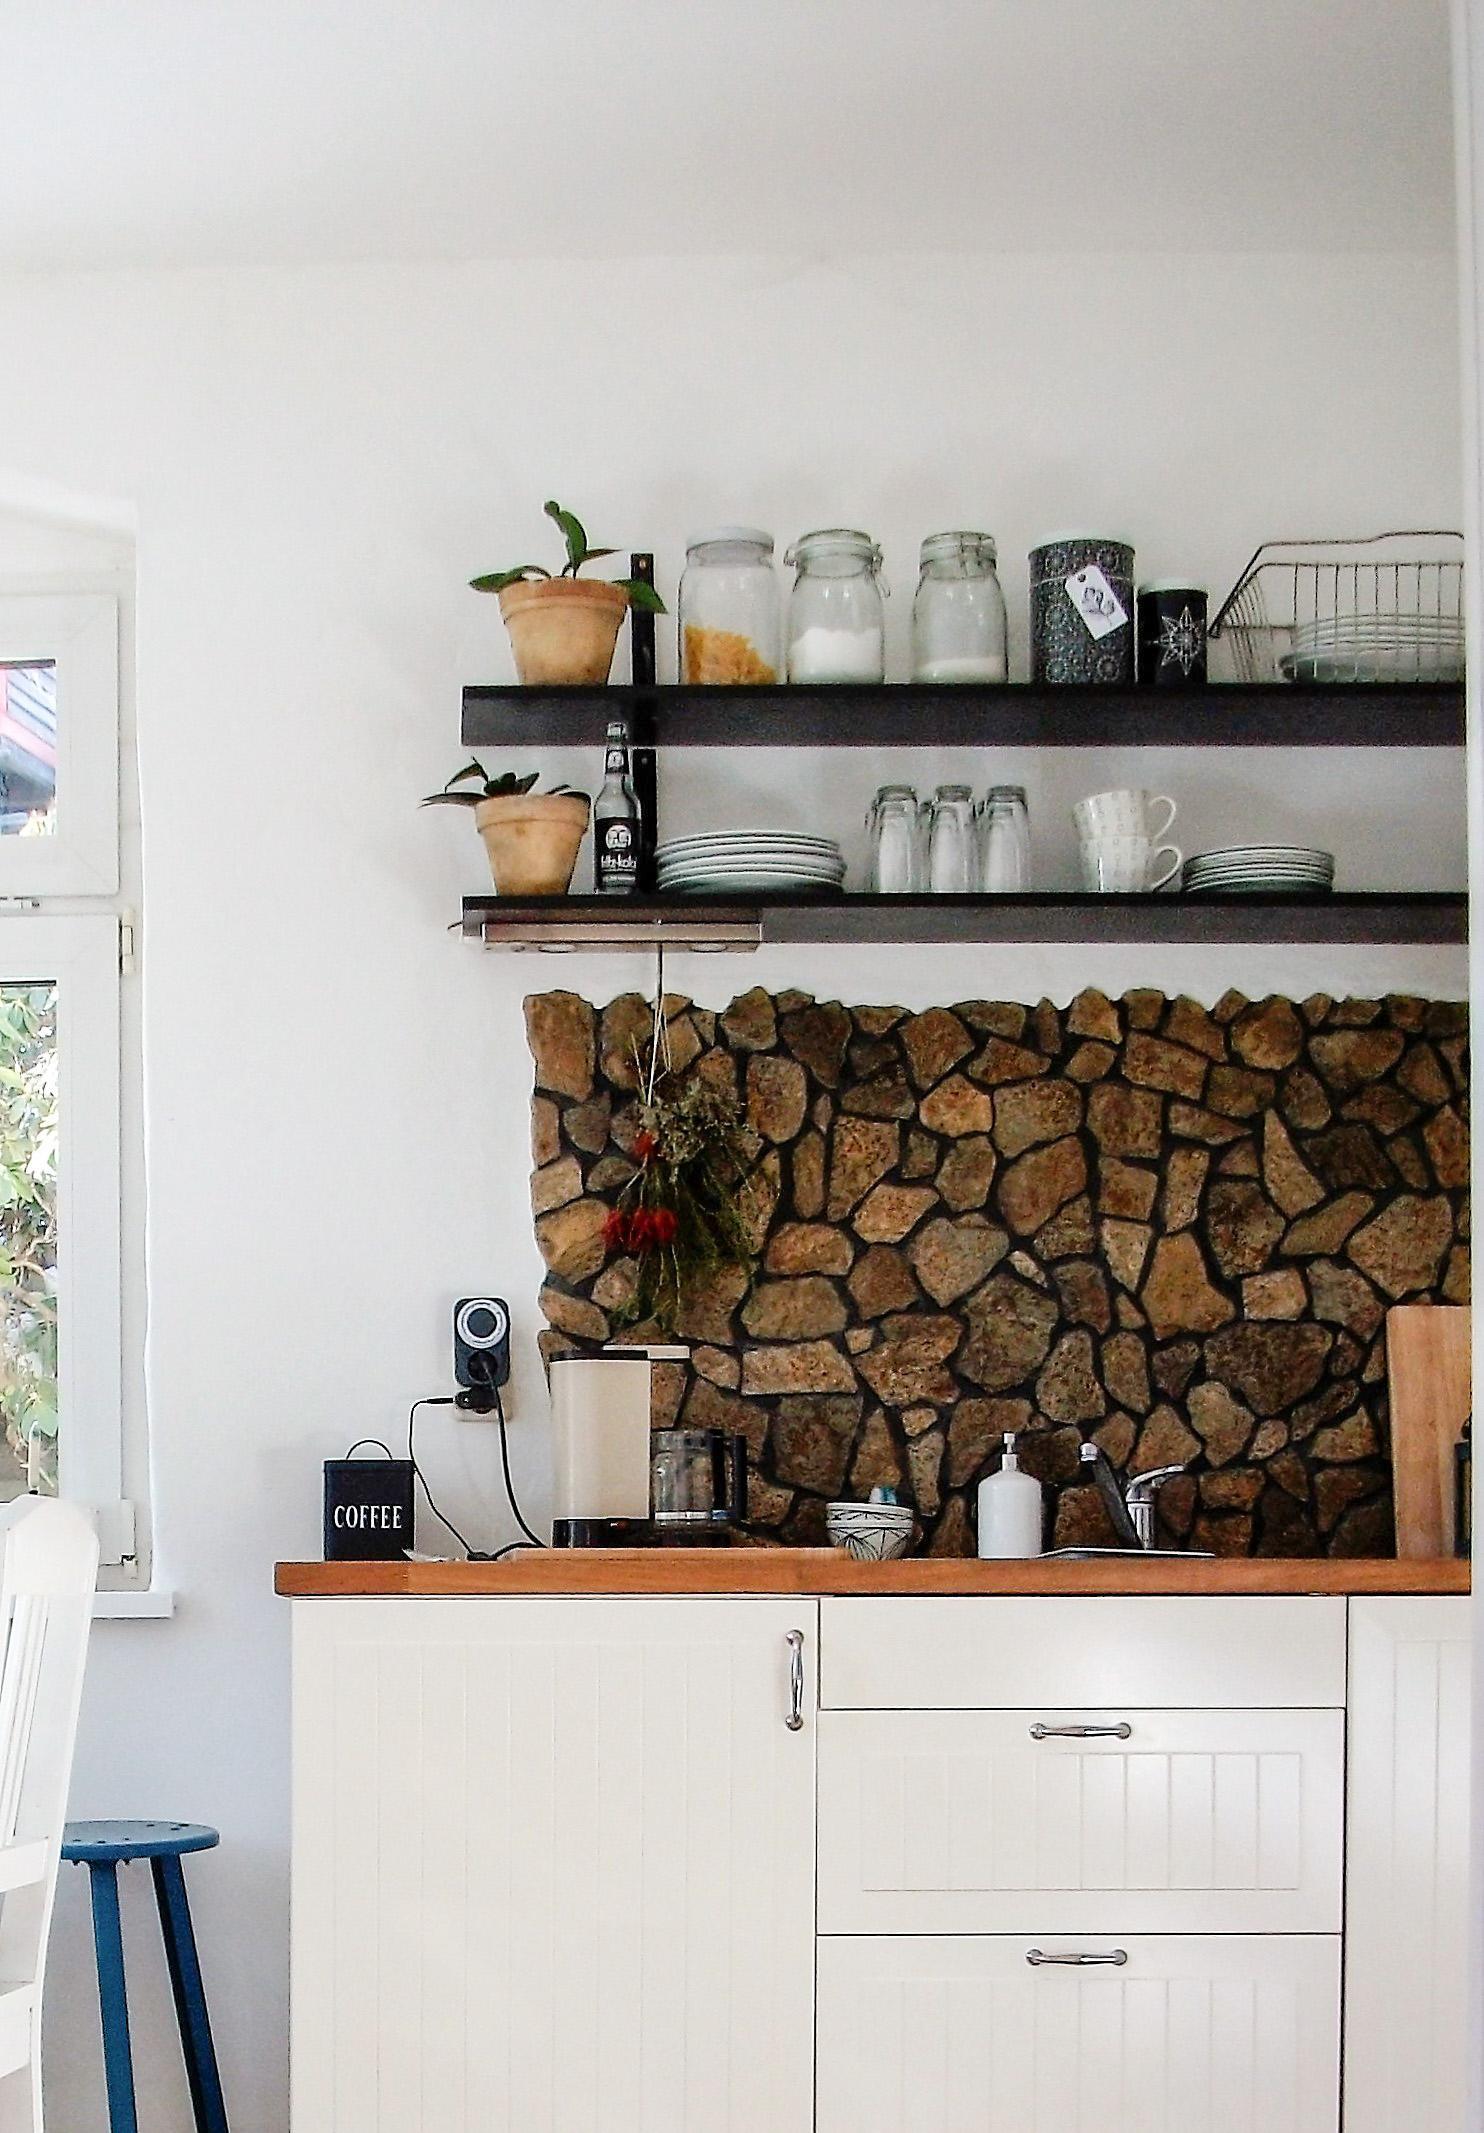 #kitchen #küche #ikea #steinwand